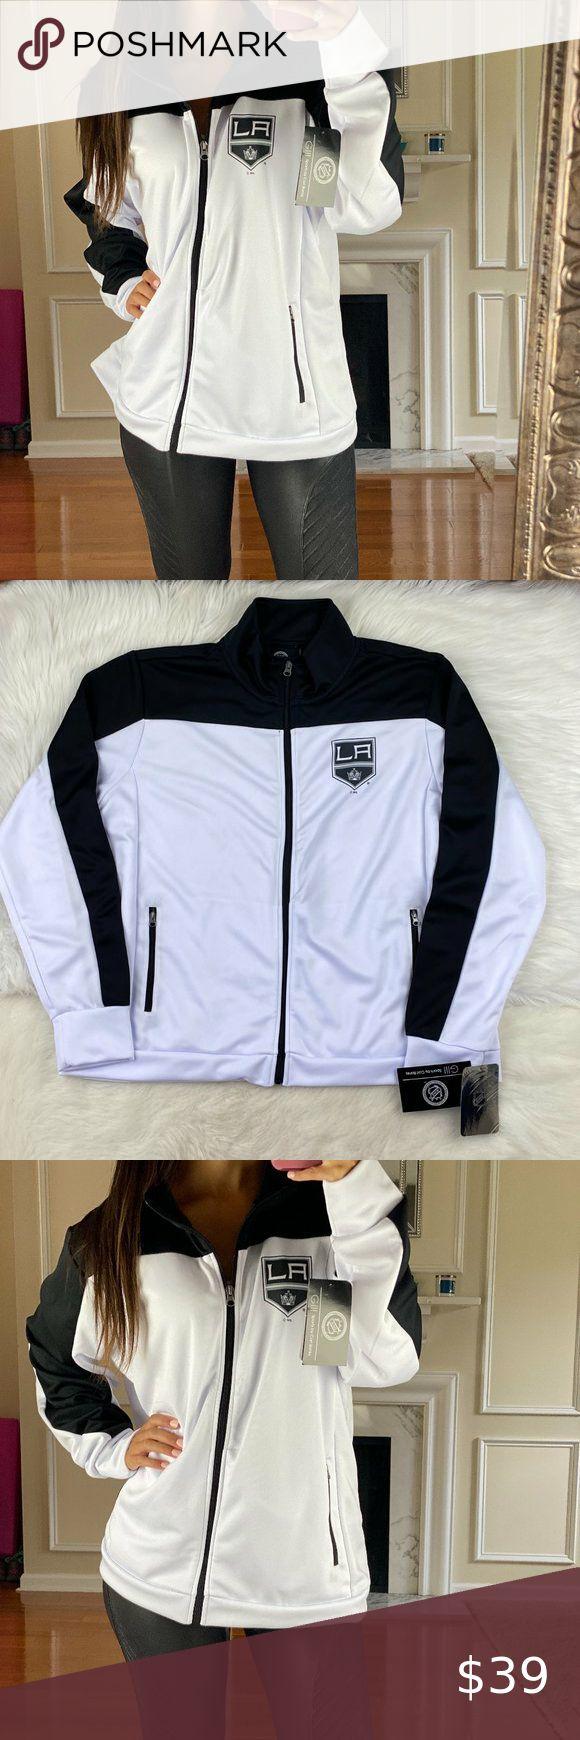 Los Angeles Kings Full Zip Metallic Track Jacket In 2020 Track Jackets Jackets For Women Jackets